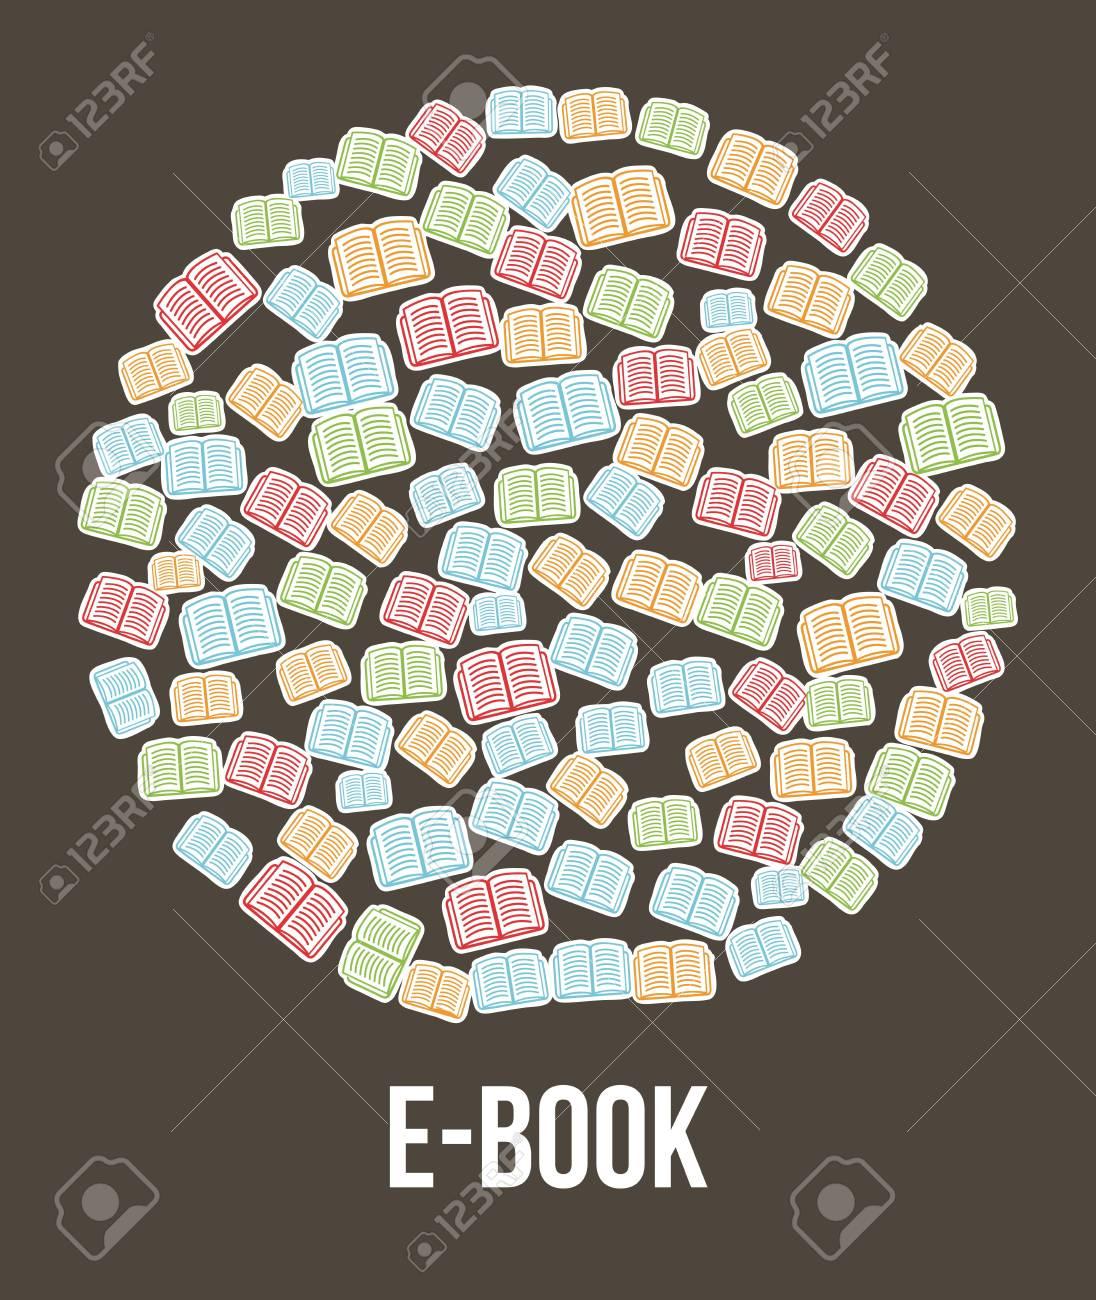 e book button brown background. vector illustration Stock Vector - 16997552